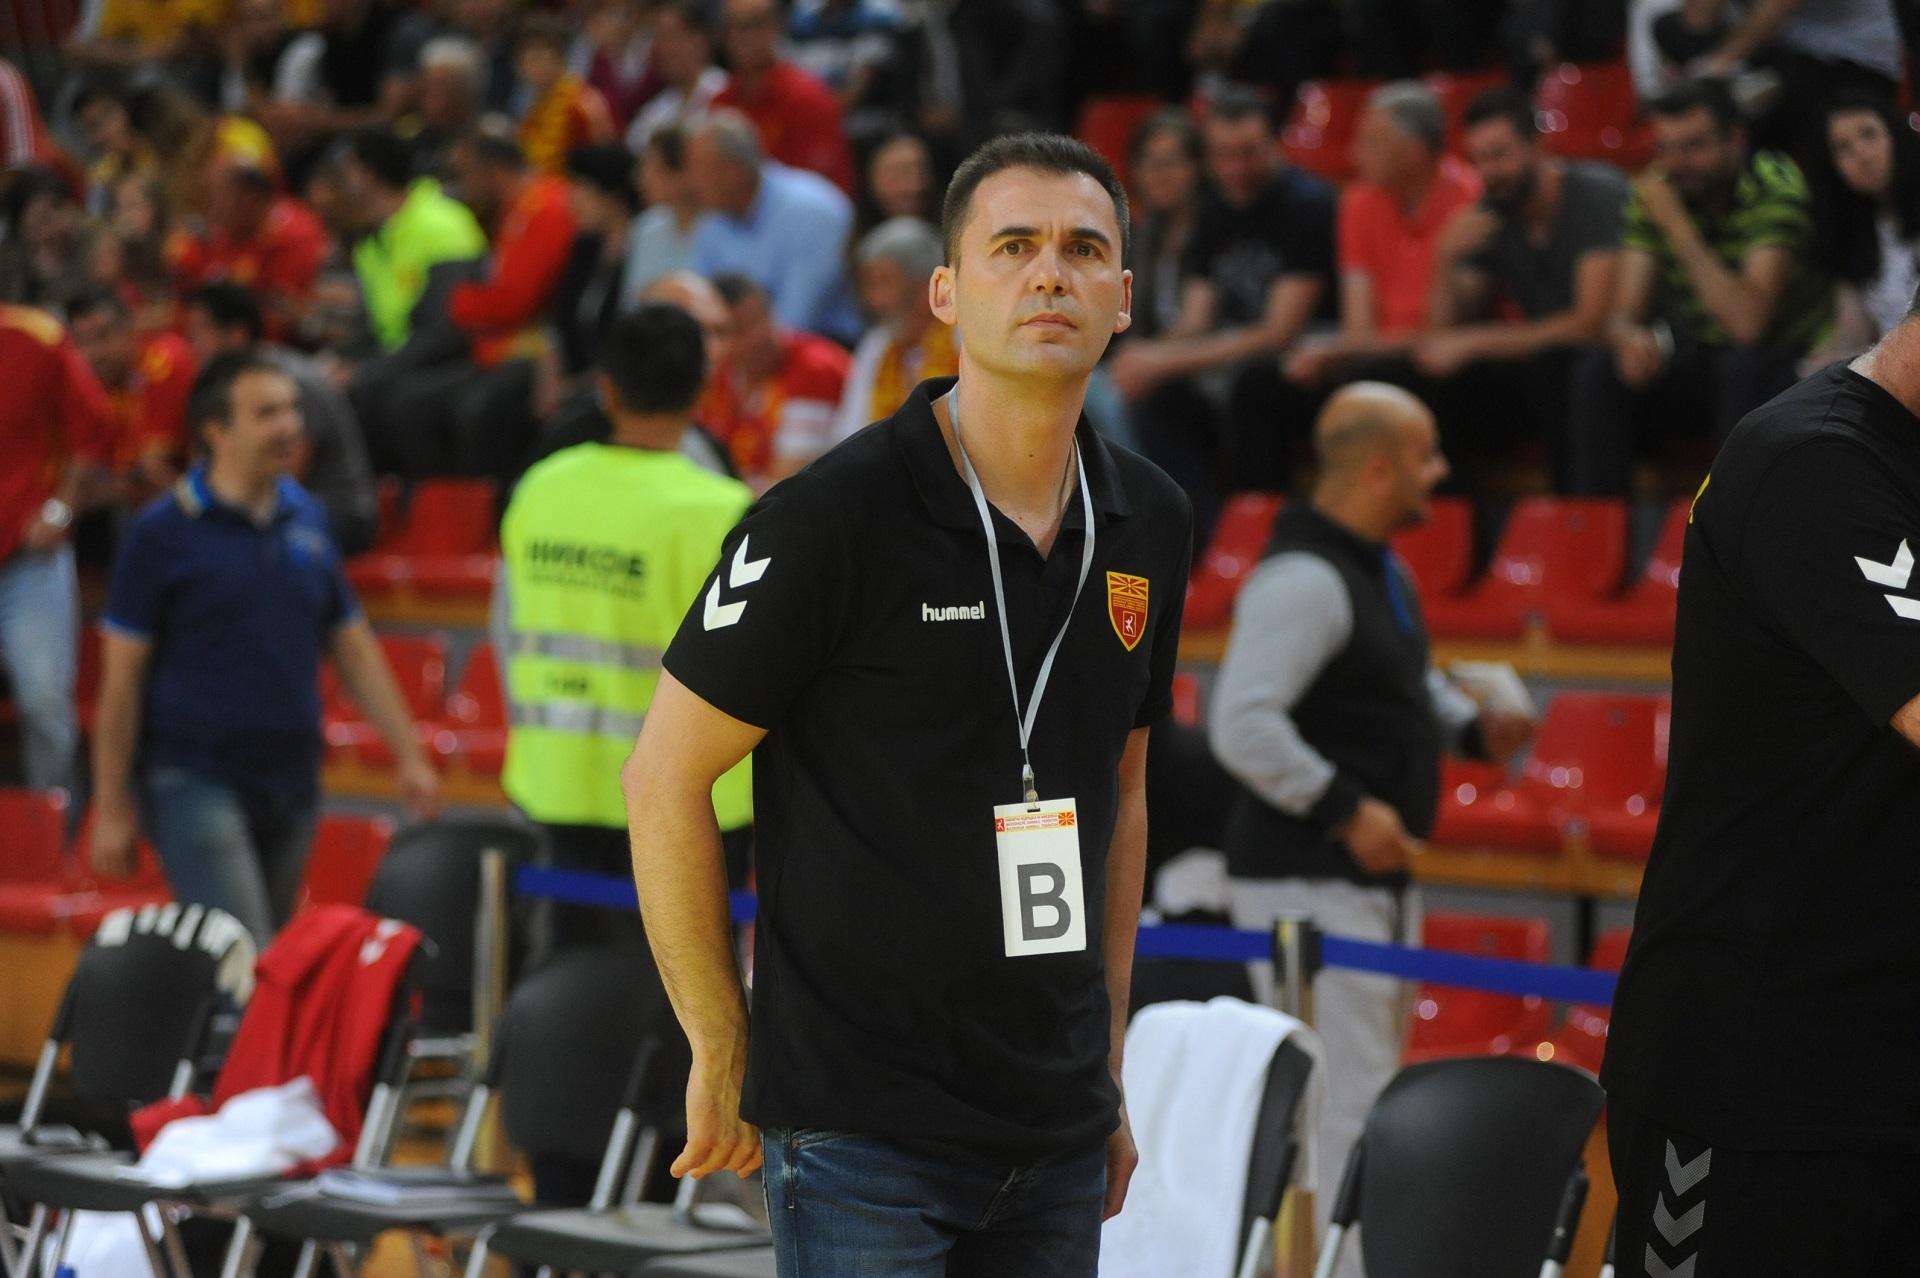 Раул Гонзалес ја собра репрезентацијата за ЕХФ неделата